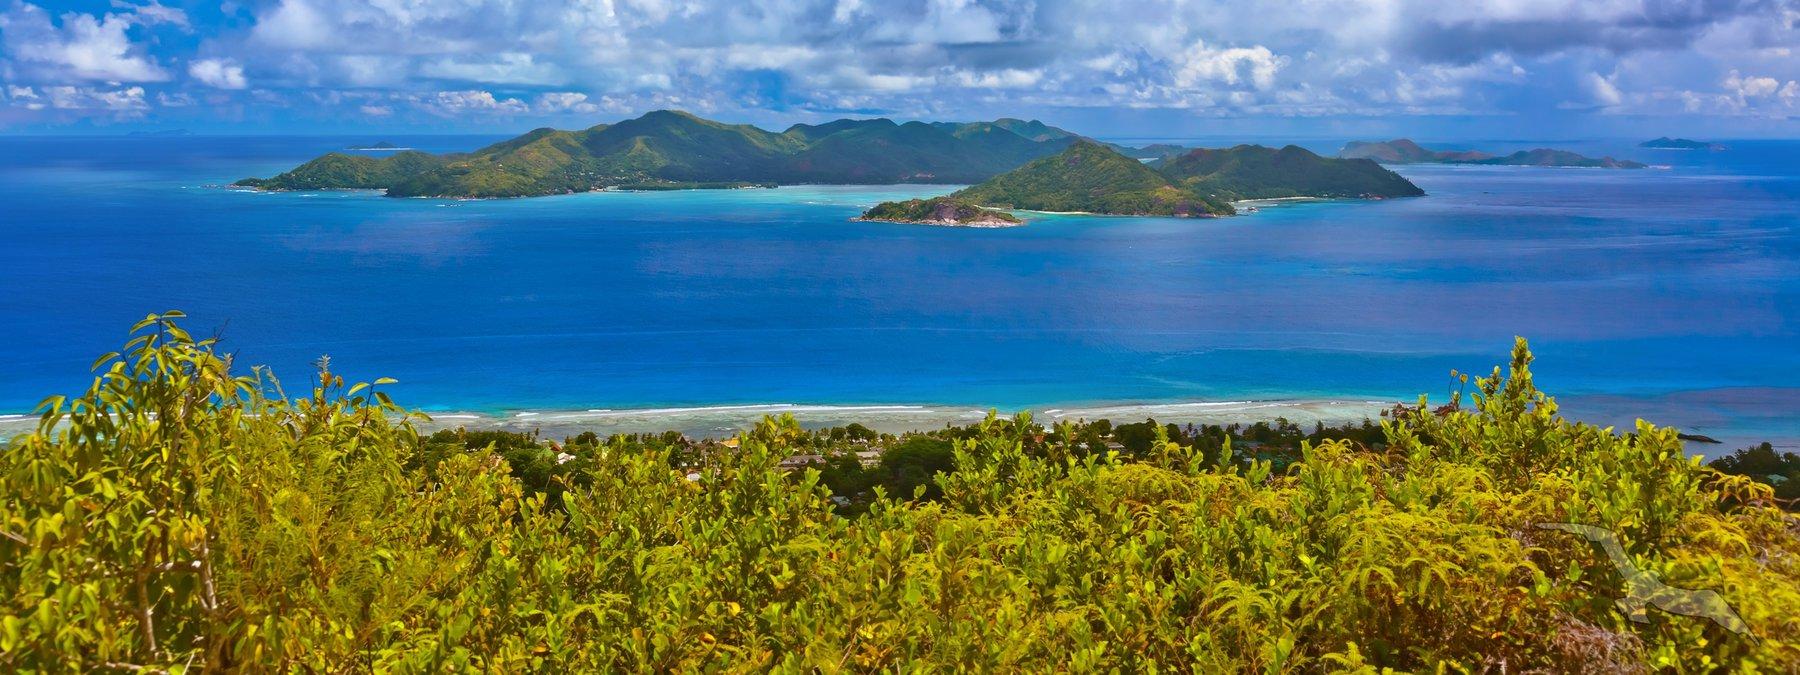 Paradiesinseln und orientalisches Flair - Kreuzfahrt mit Amadea